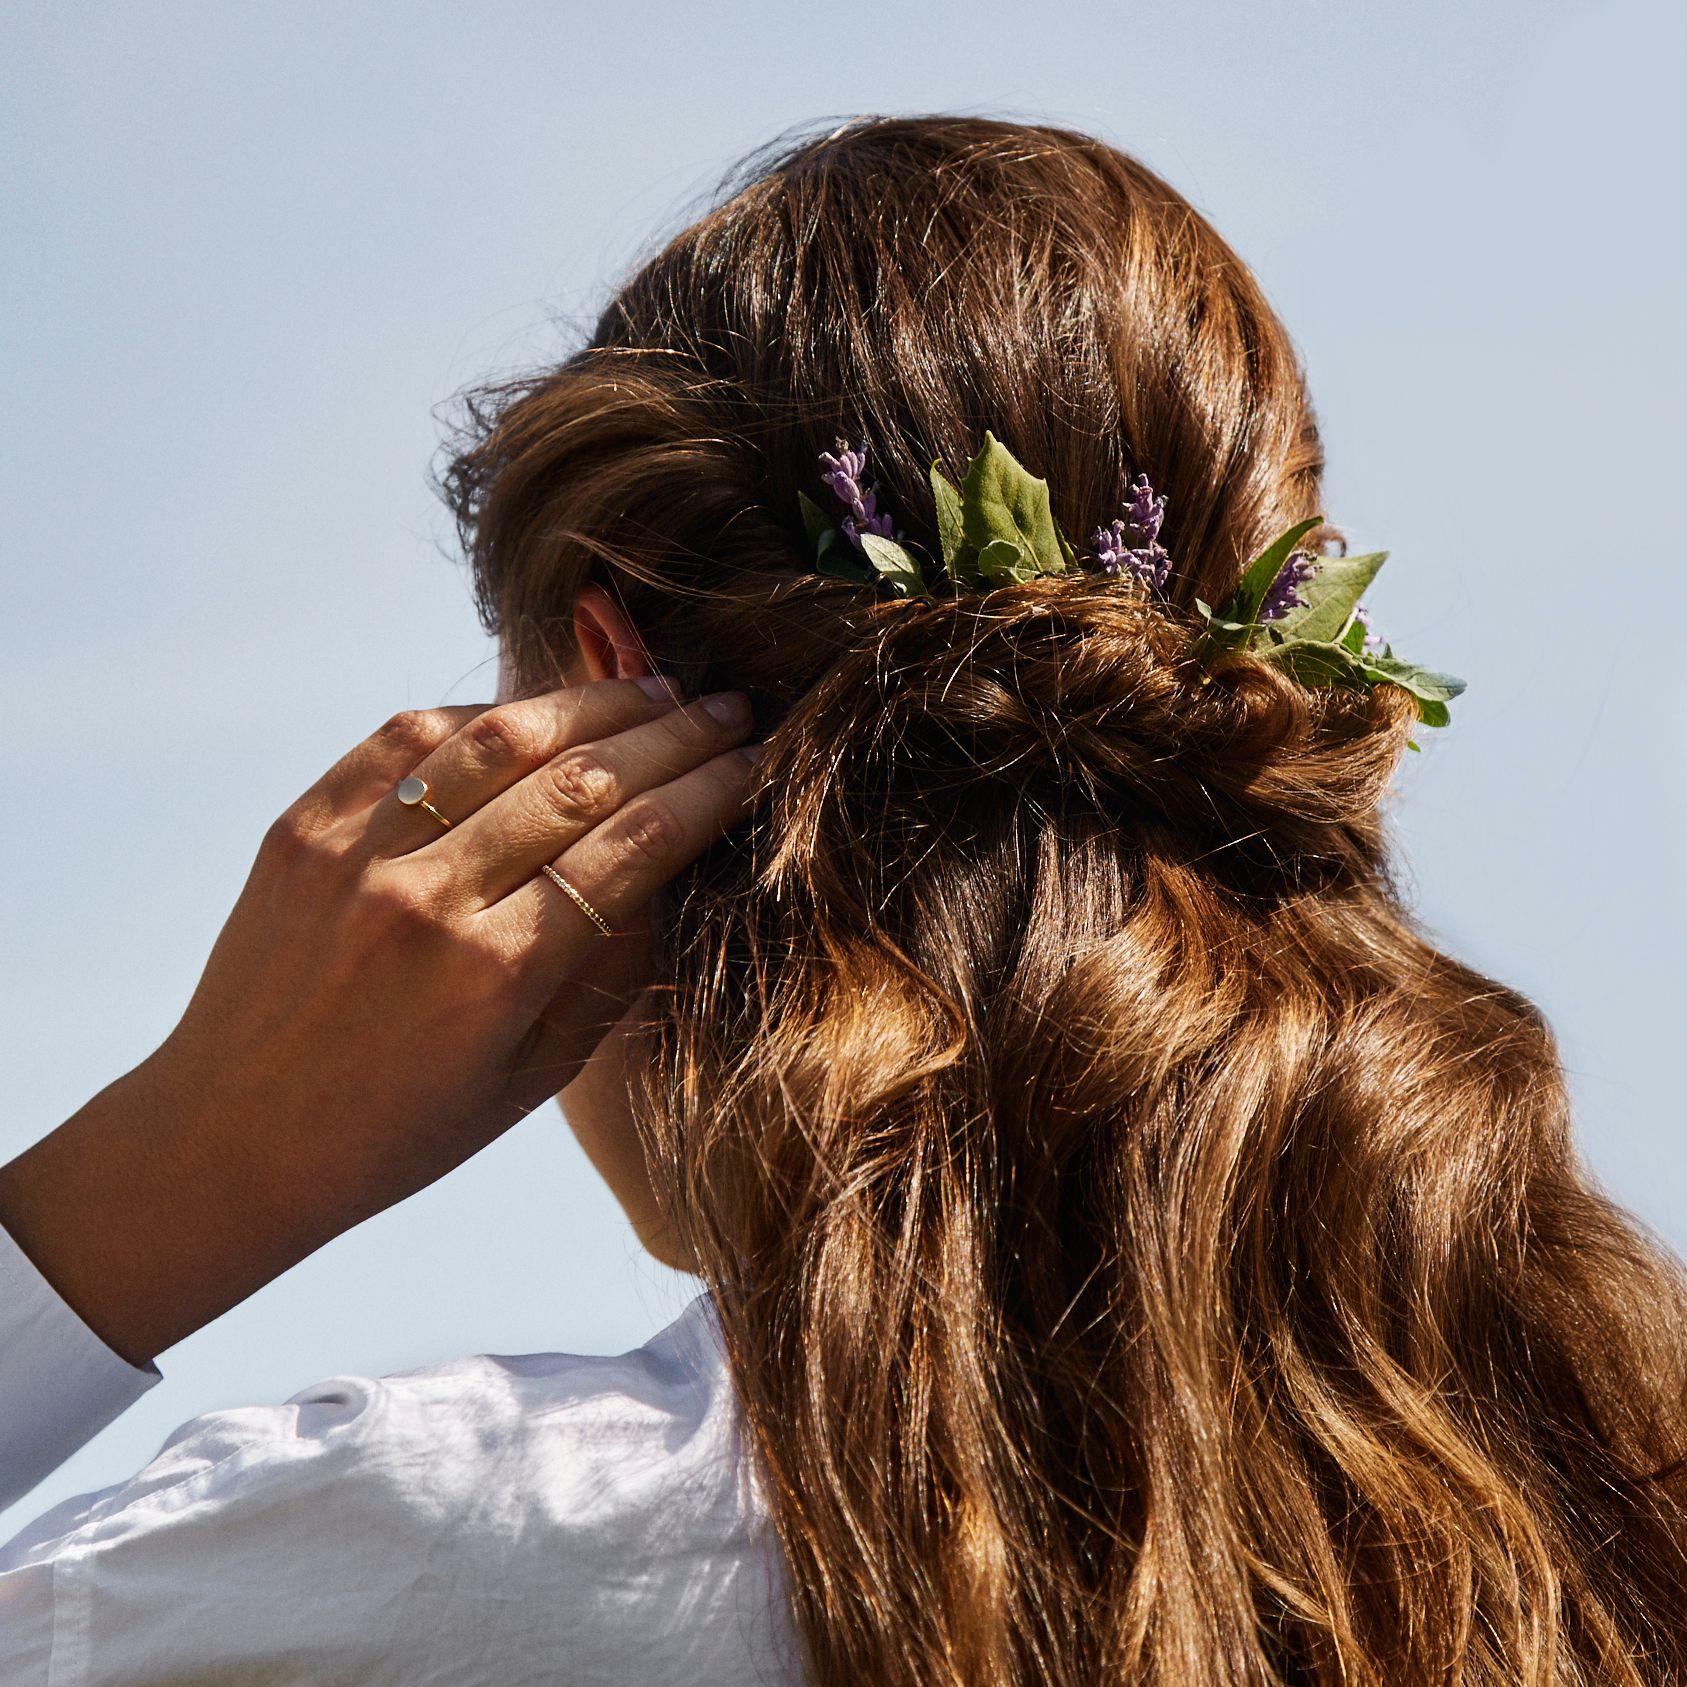 Vue de dos d'une femme aux longs cheveux bruns ornés de lavande